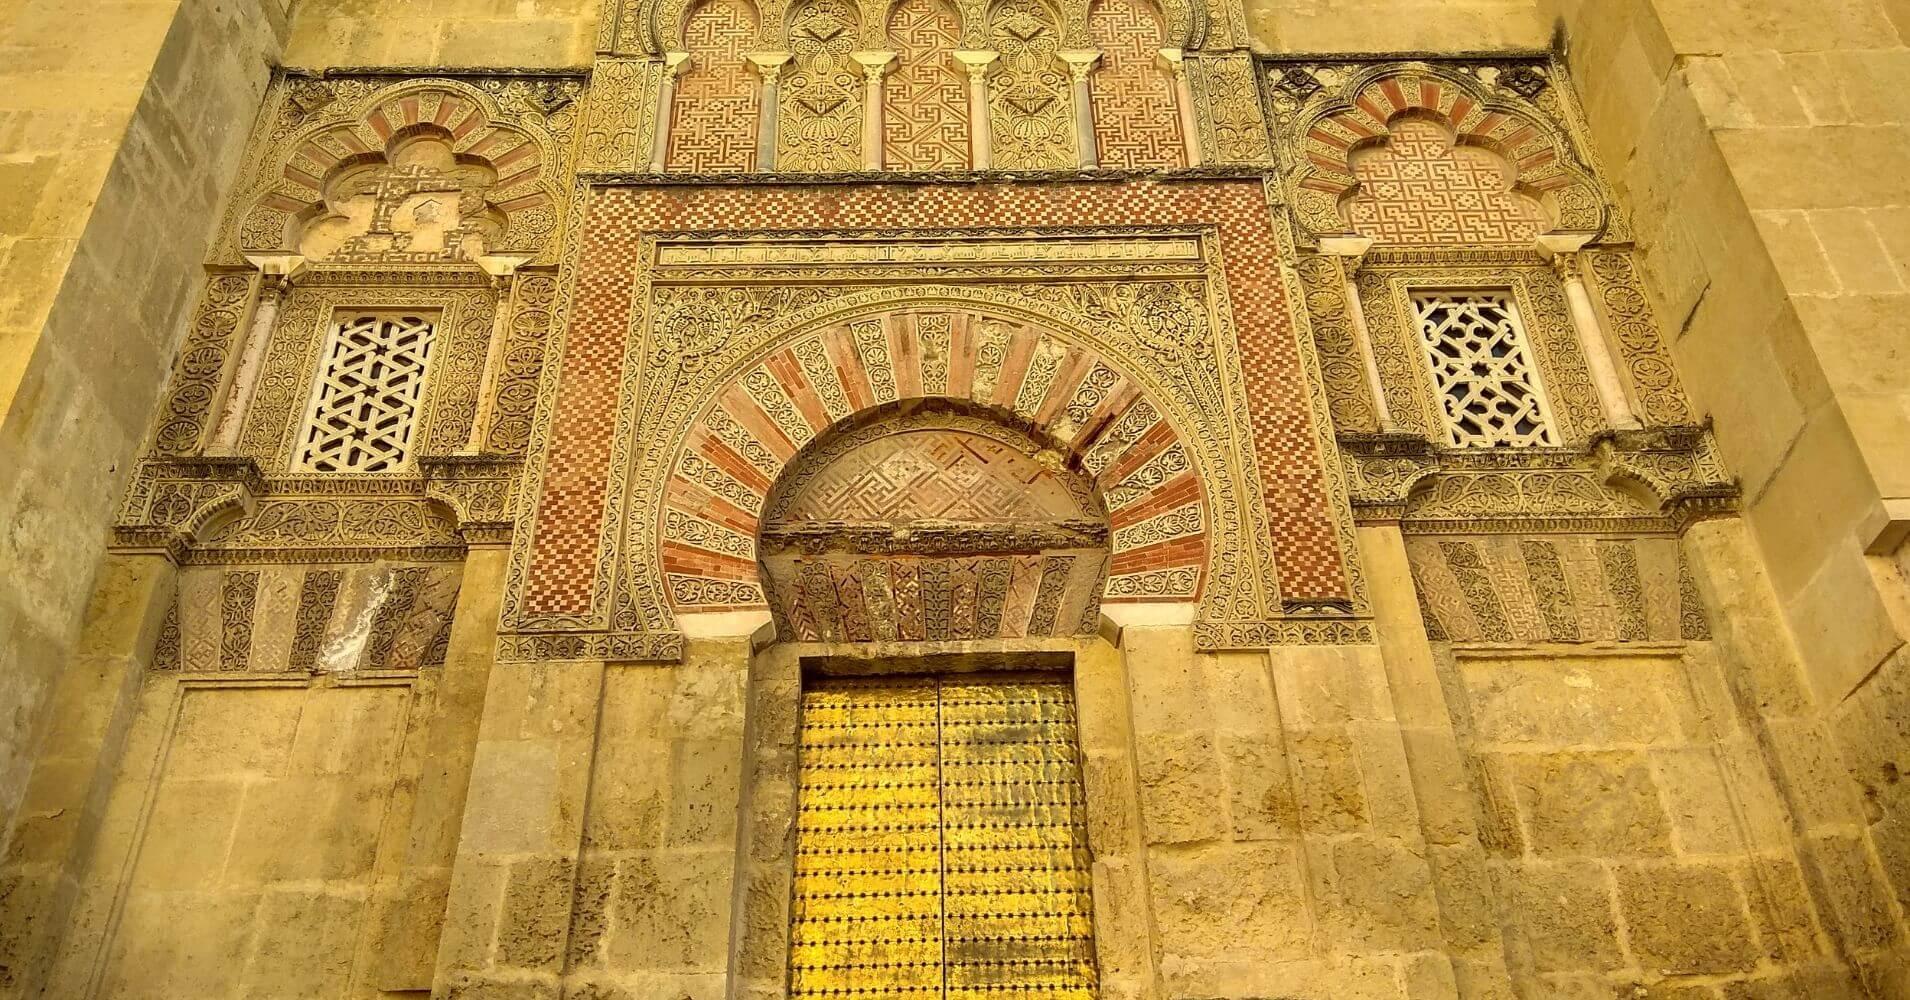 Viajar a España. Fachada Mezquita de Córdoba. Andalucía.